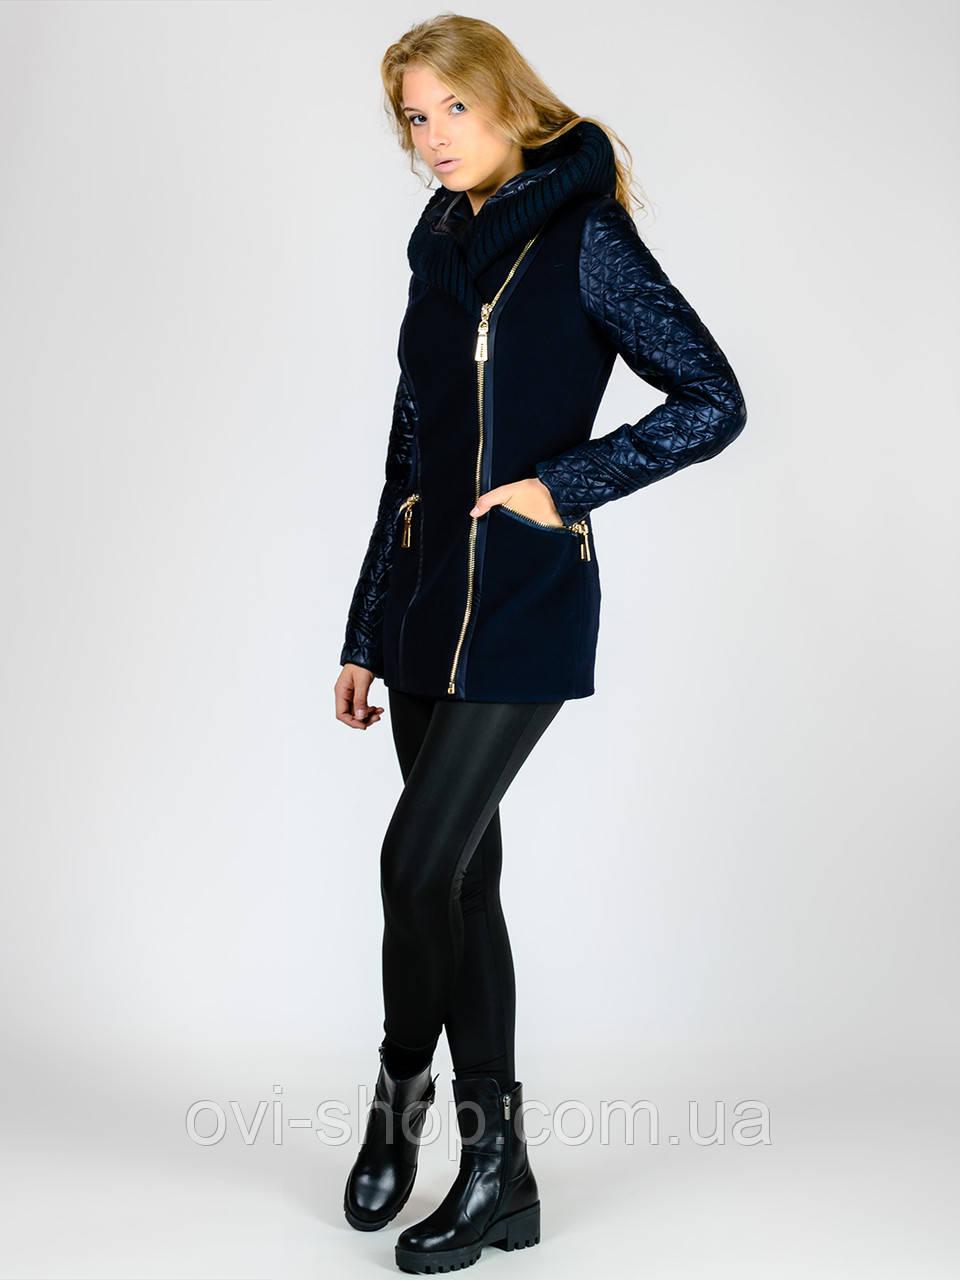 Купить Женское пальто кашемировое